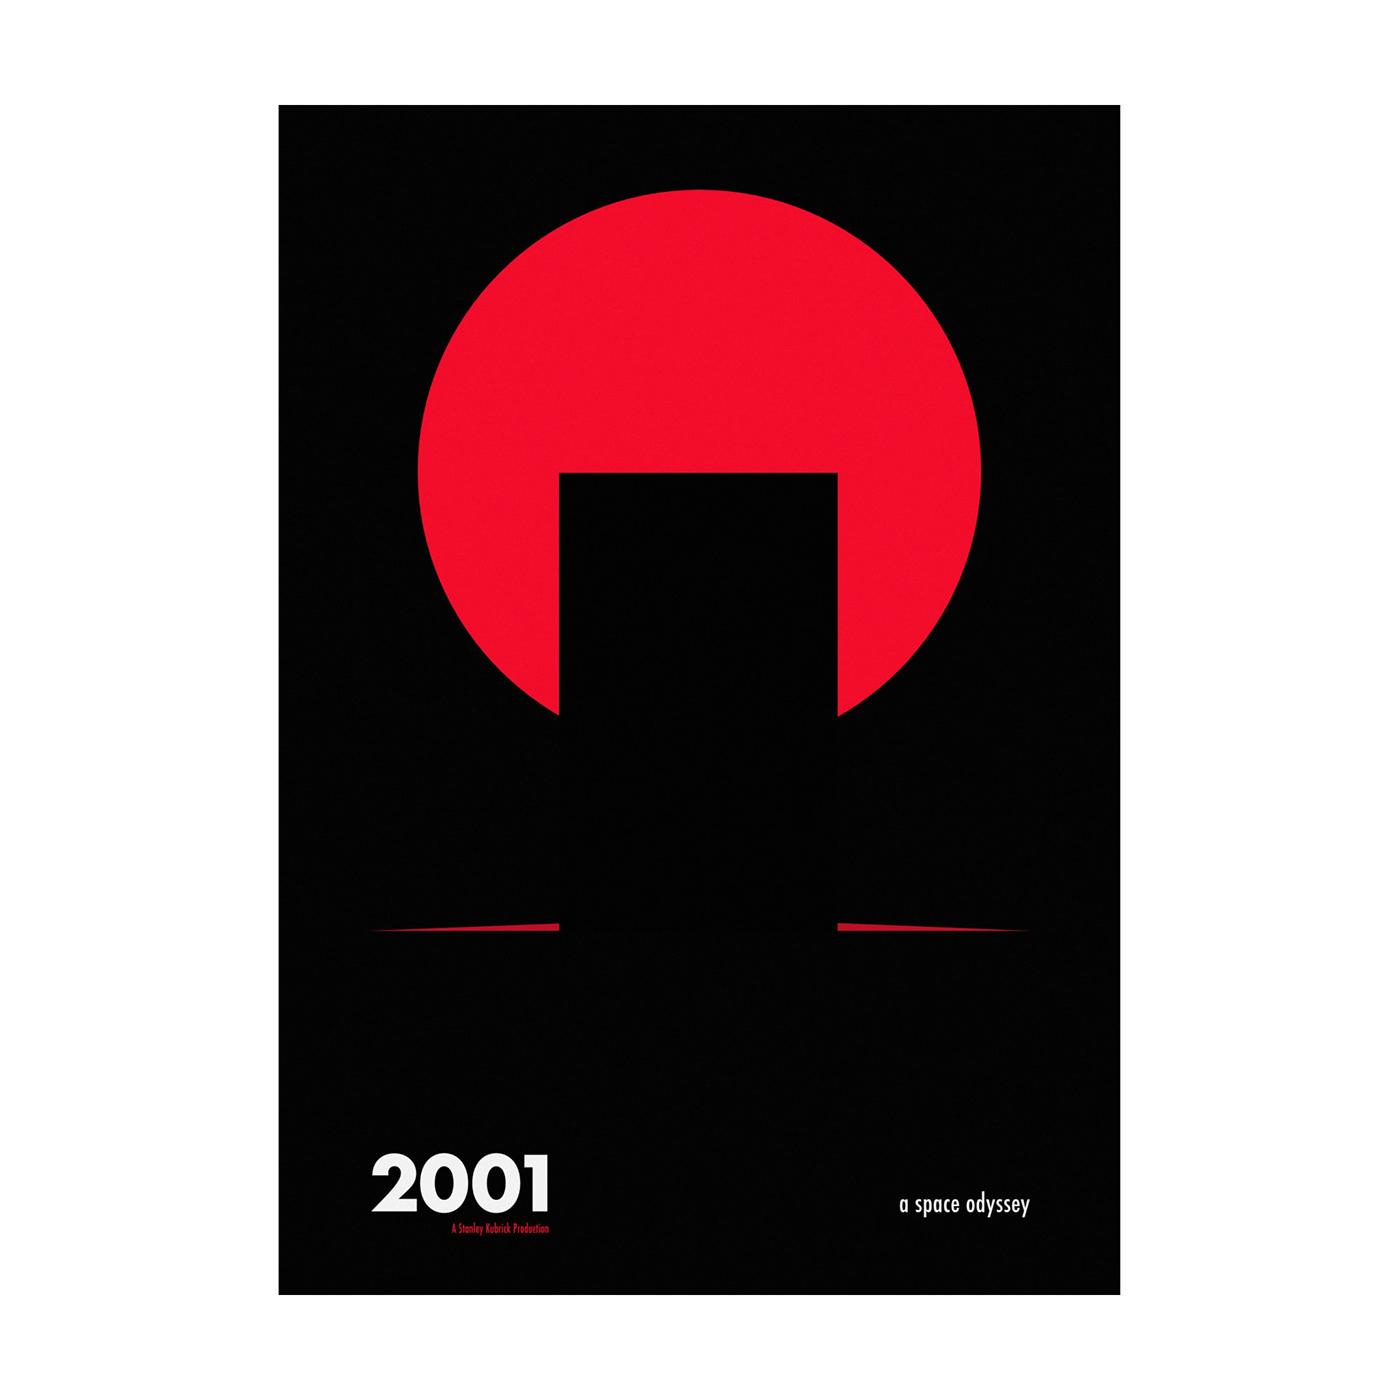 ILLUSTRATION  Kubrick Poster Design